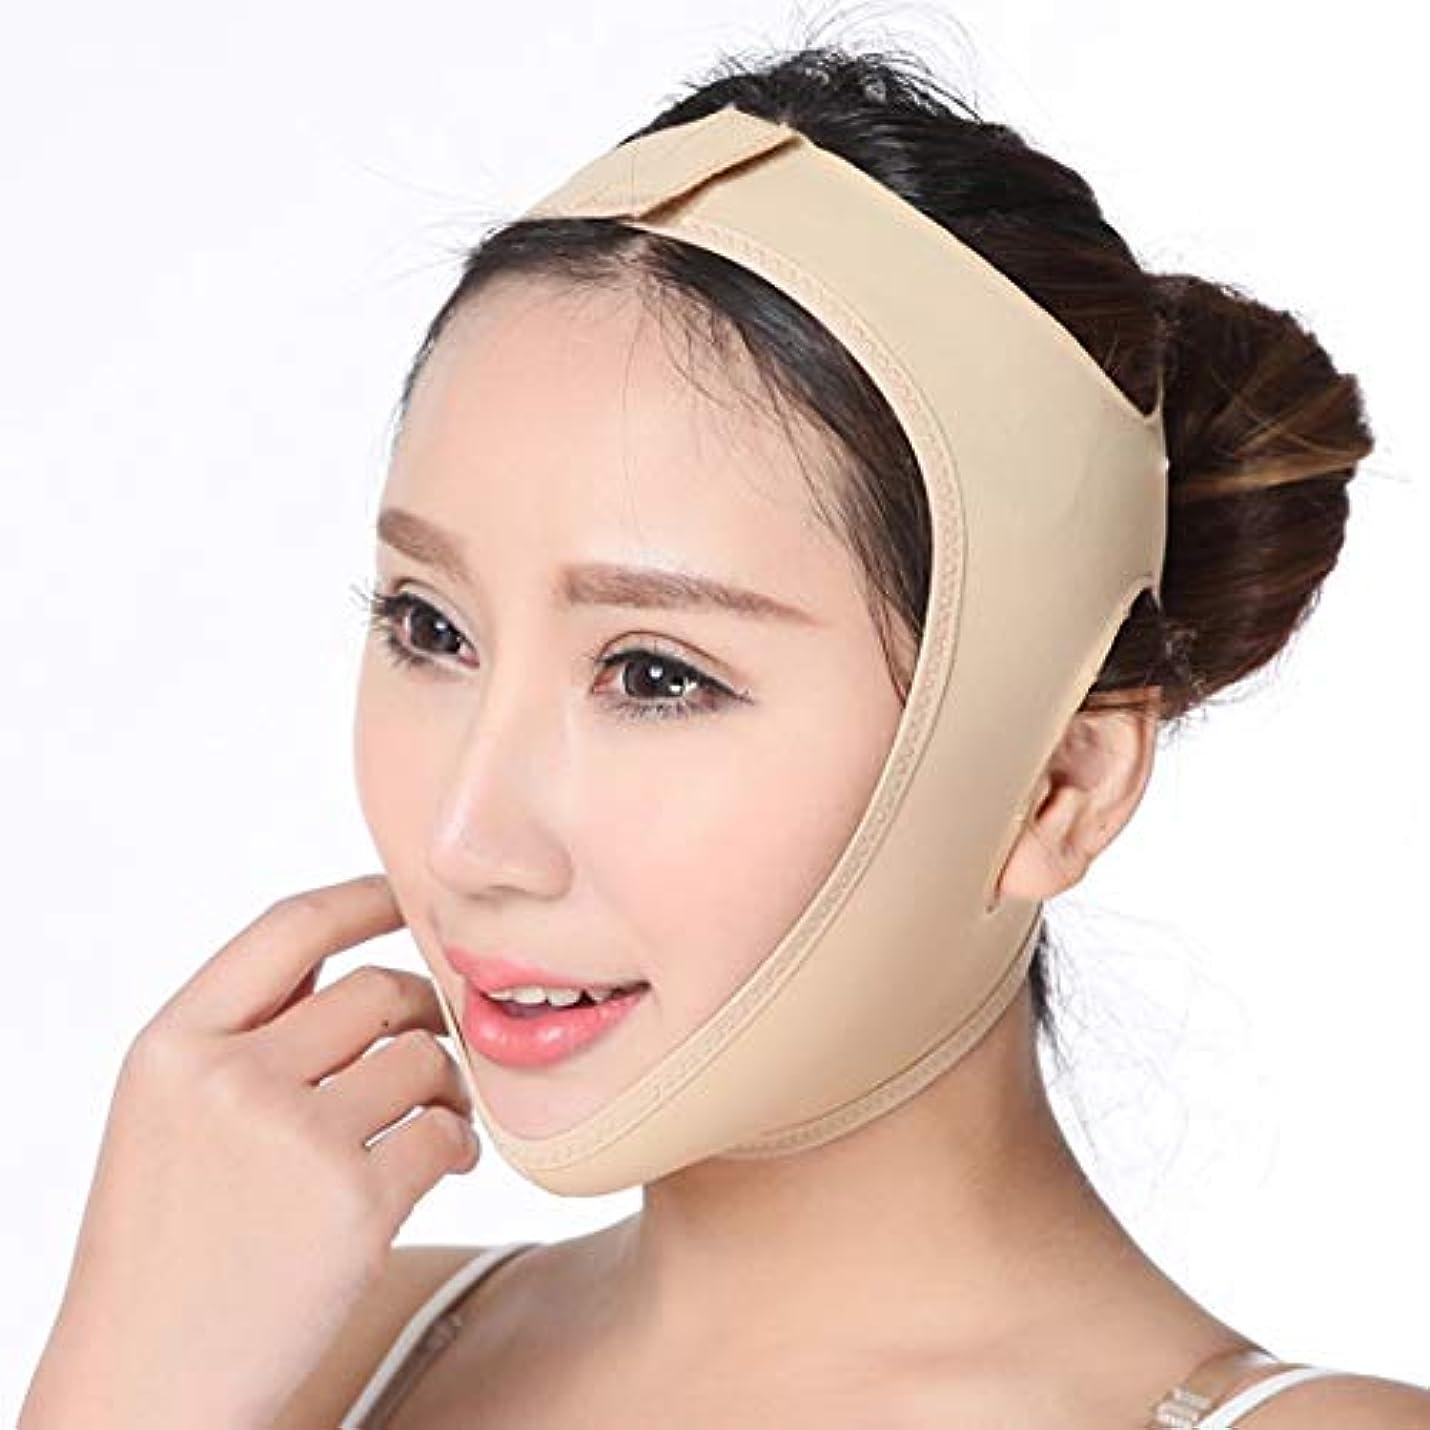 広がり進行中無ZWBD フェイスマスク, 薄い顔包帯ネット薄い二重あご包帯小V顔睡眠メロン顔持ち上がるタイト整形マスク